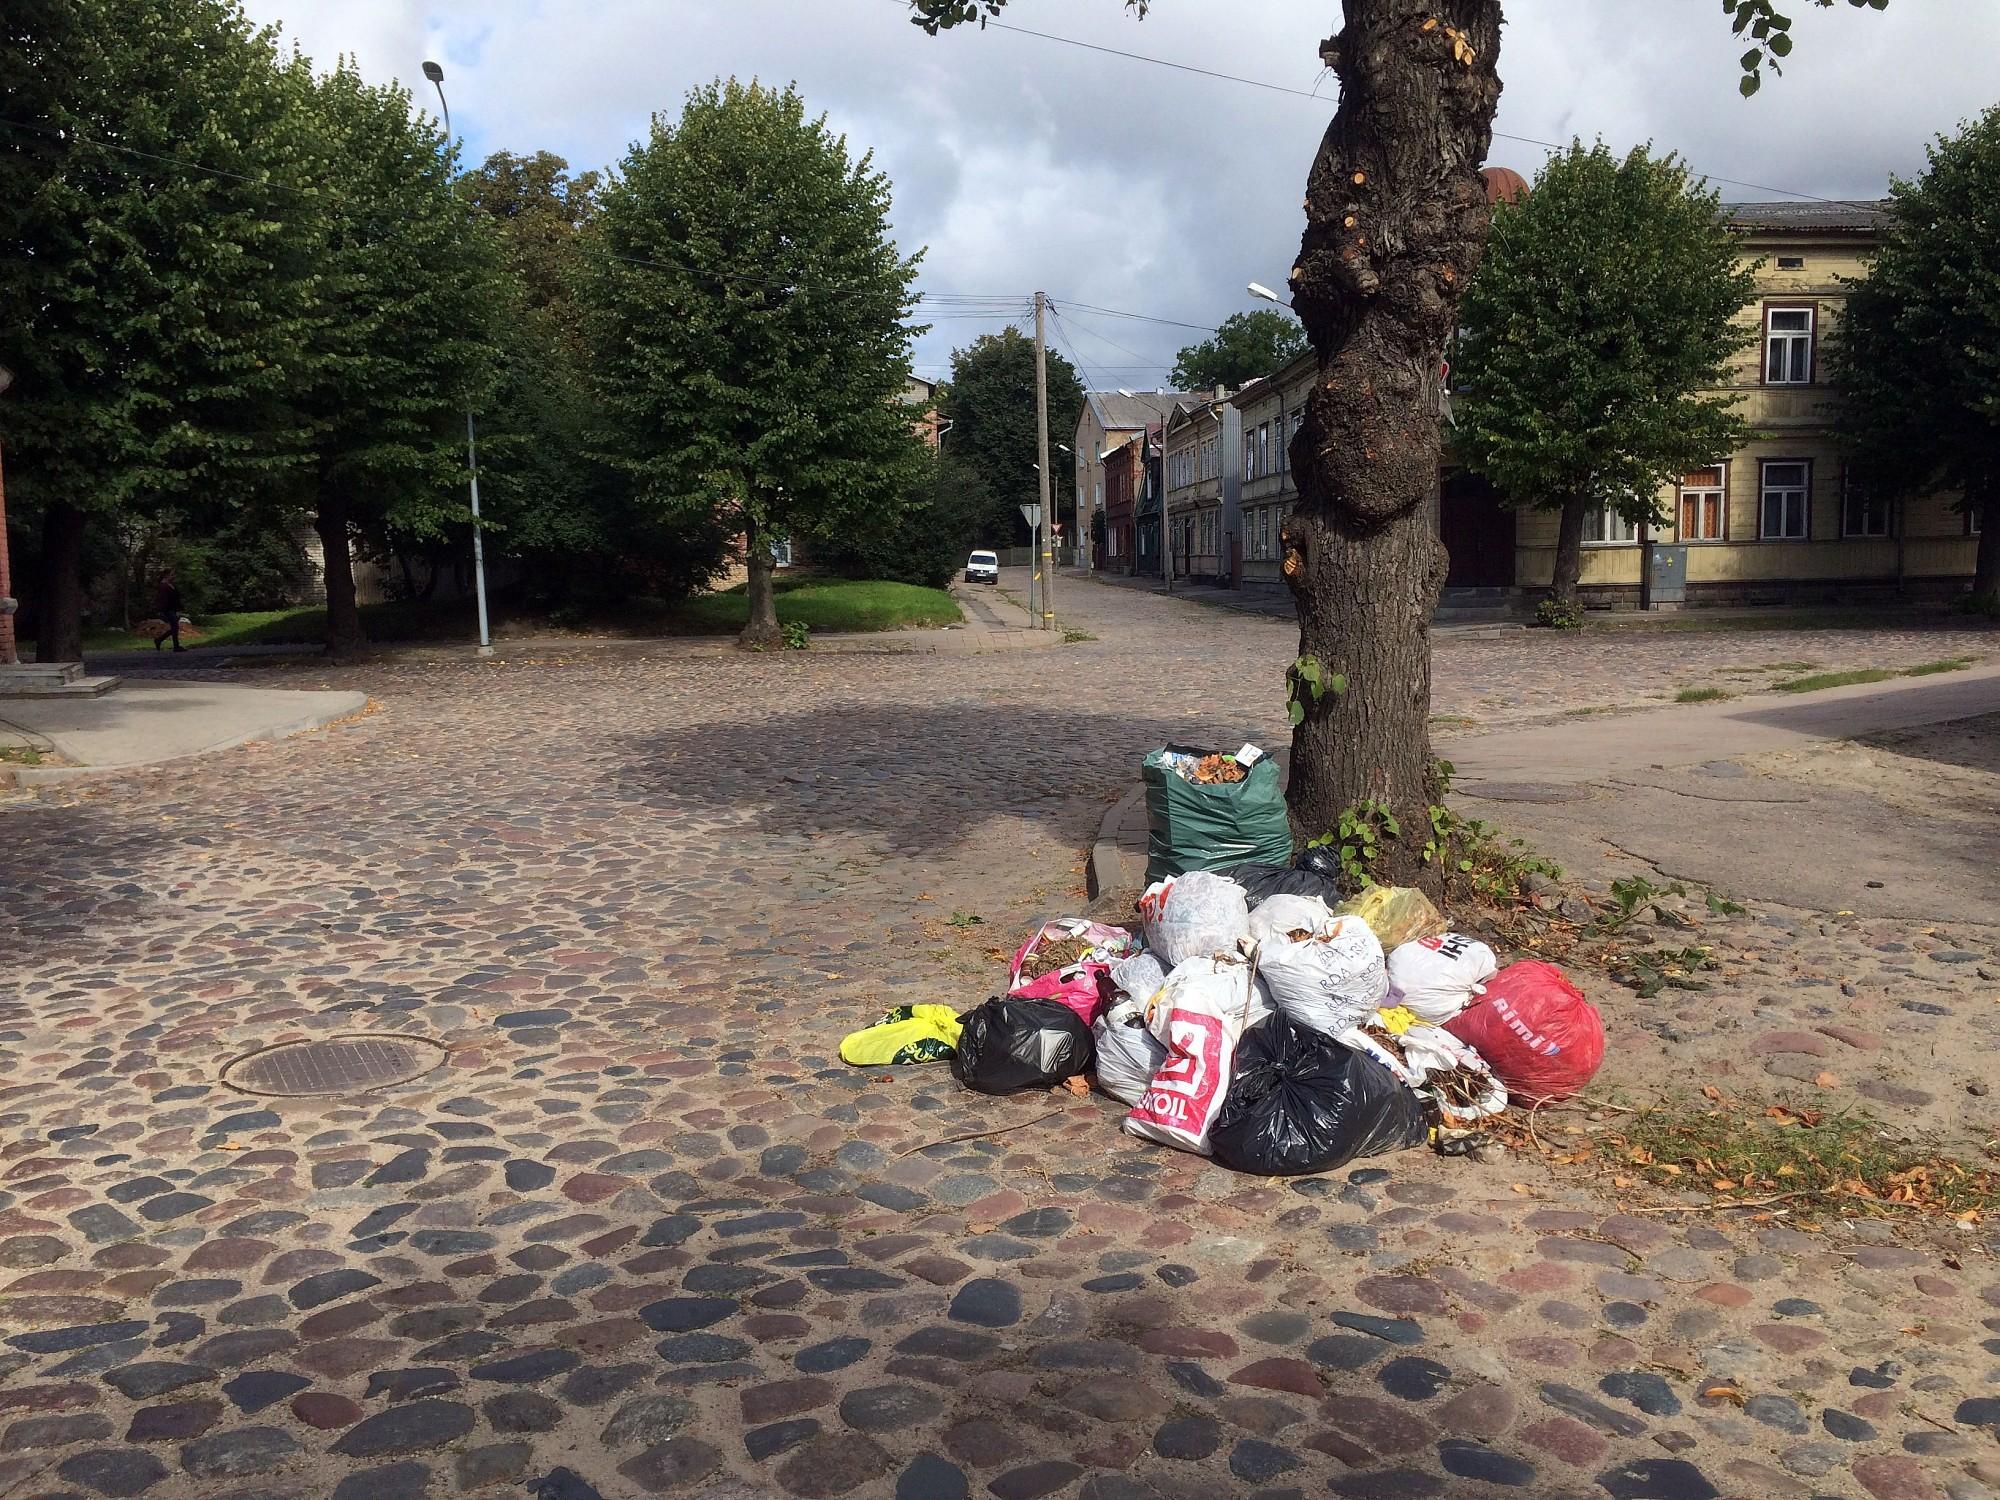 Zaļos atkritumus jāizved zemesgabala īpašniekam, valdītājam vai daudzdzīvokļu mājas pārvaldniekam